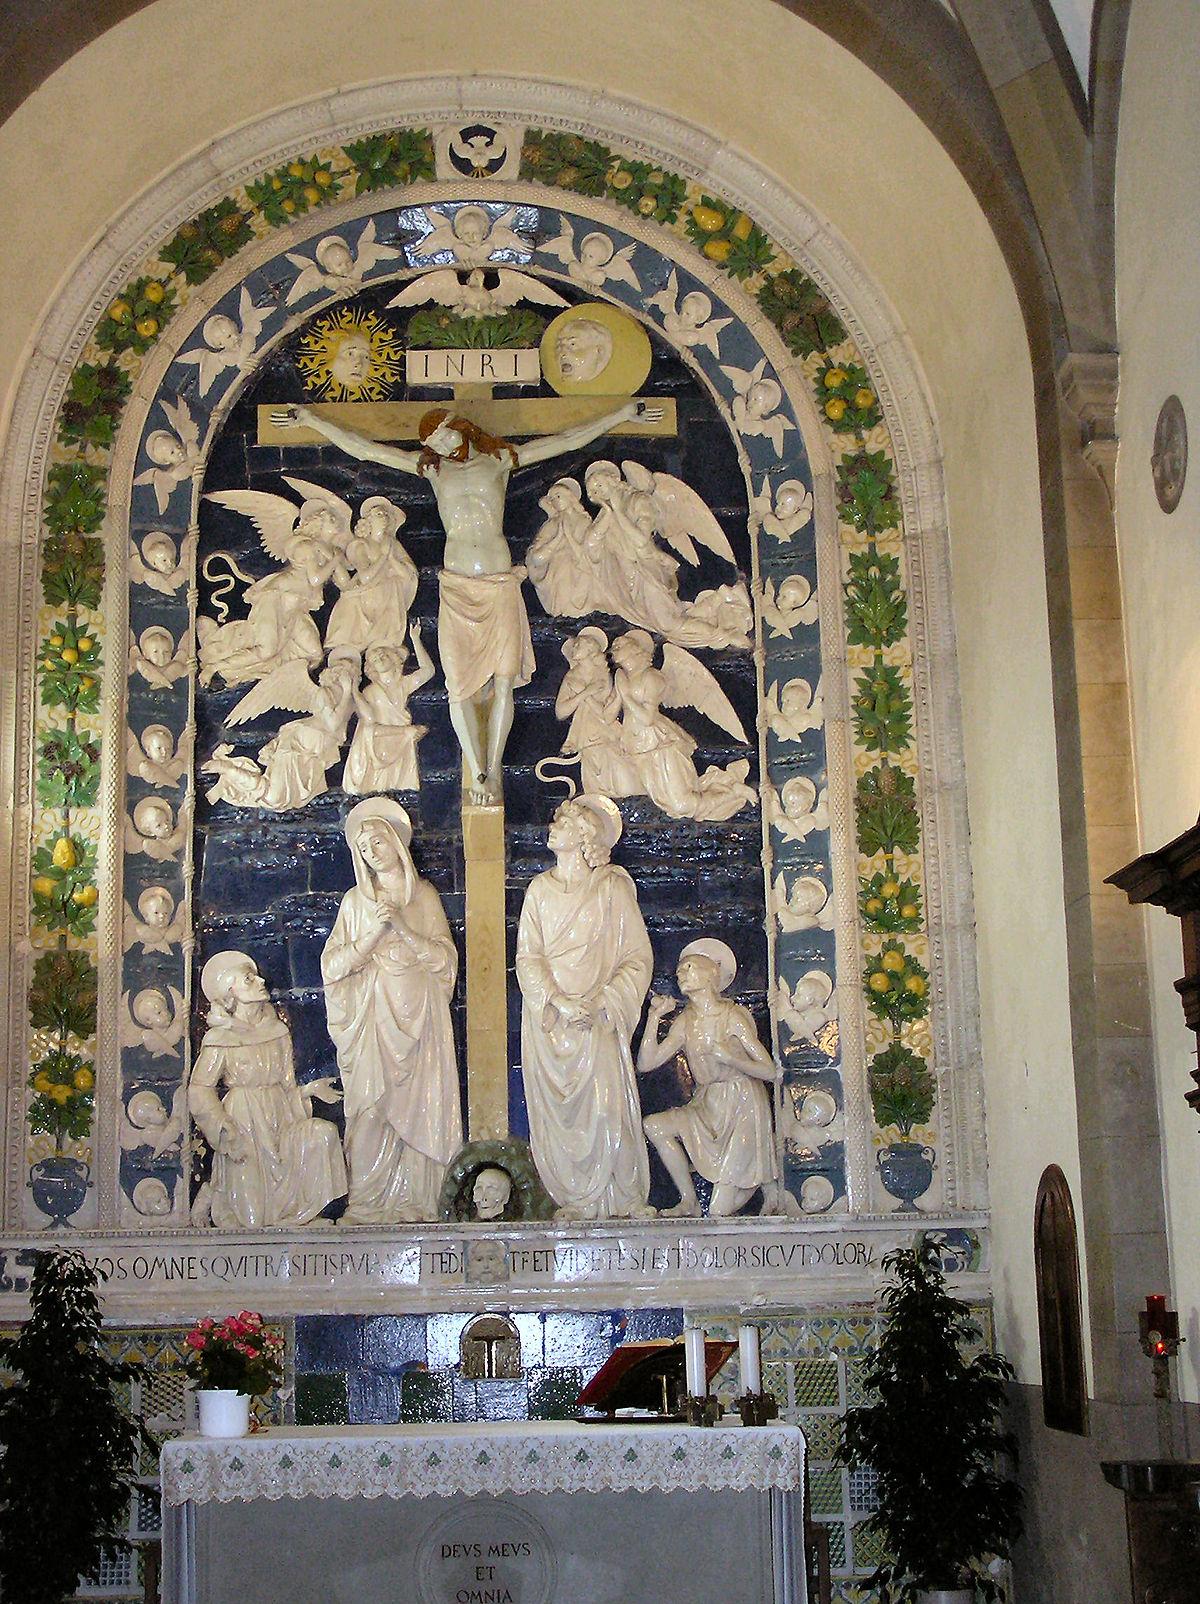 Maria de los angeles - 3 part 6